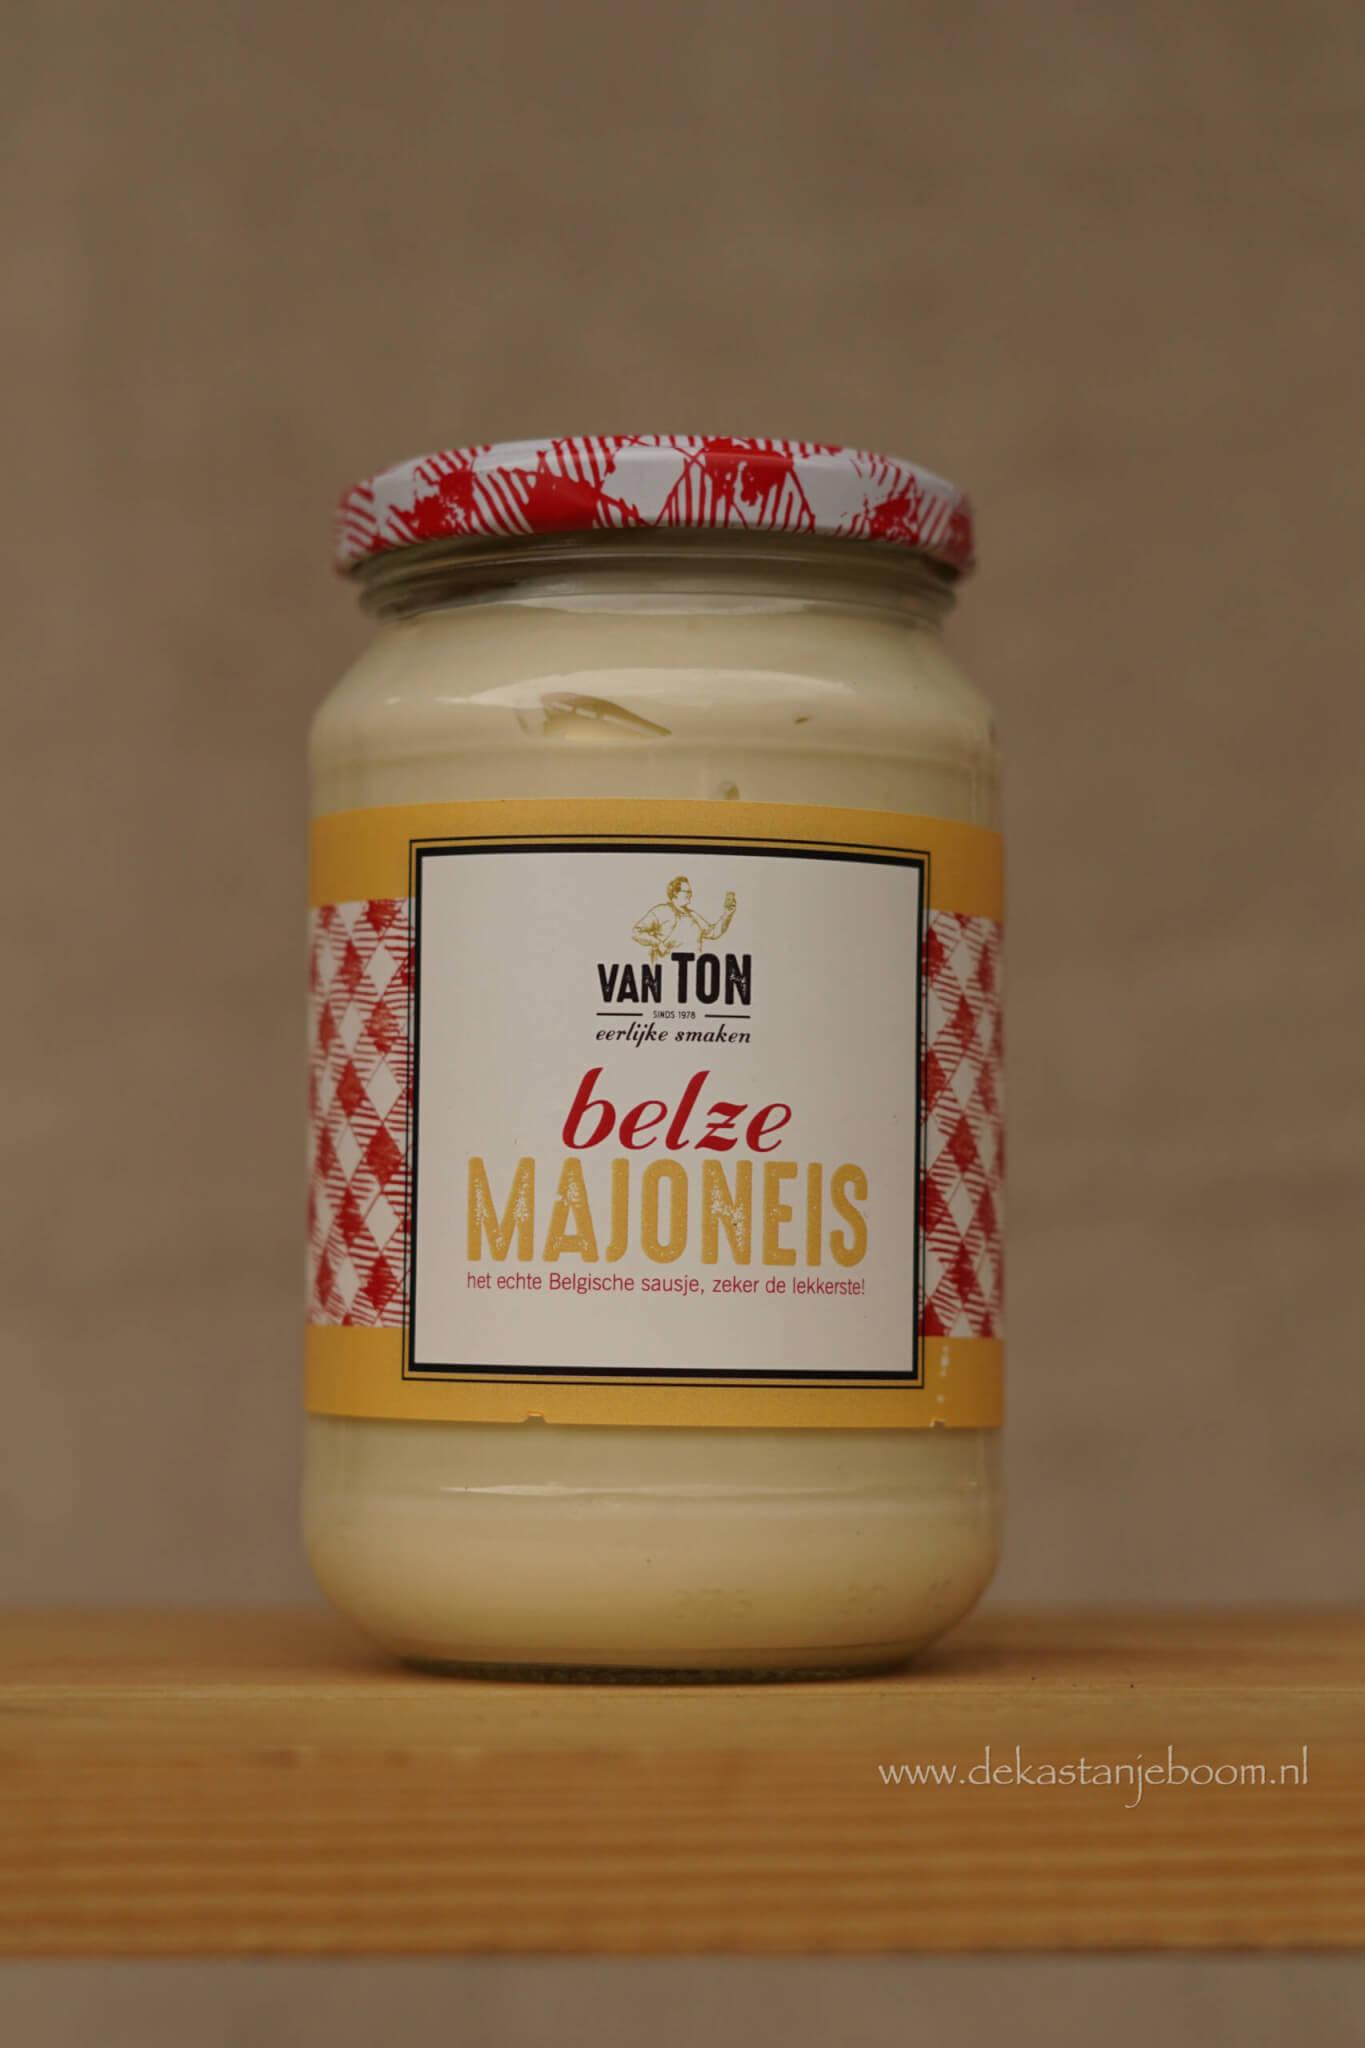 Belze majoneis van Ton